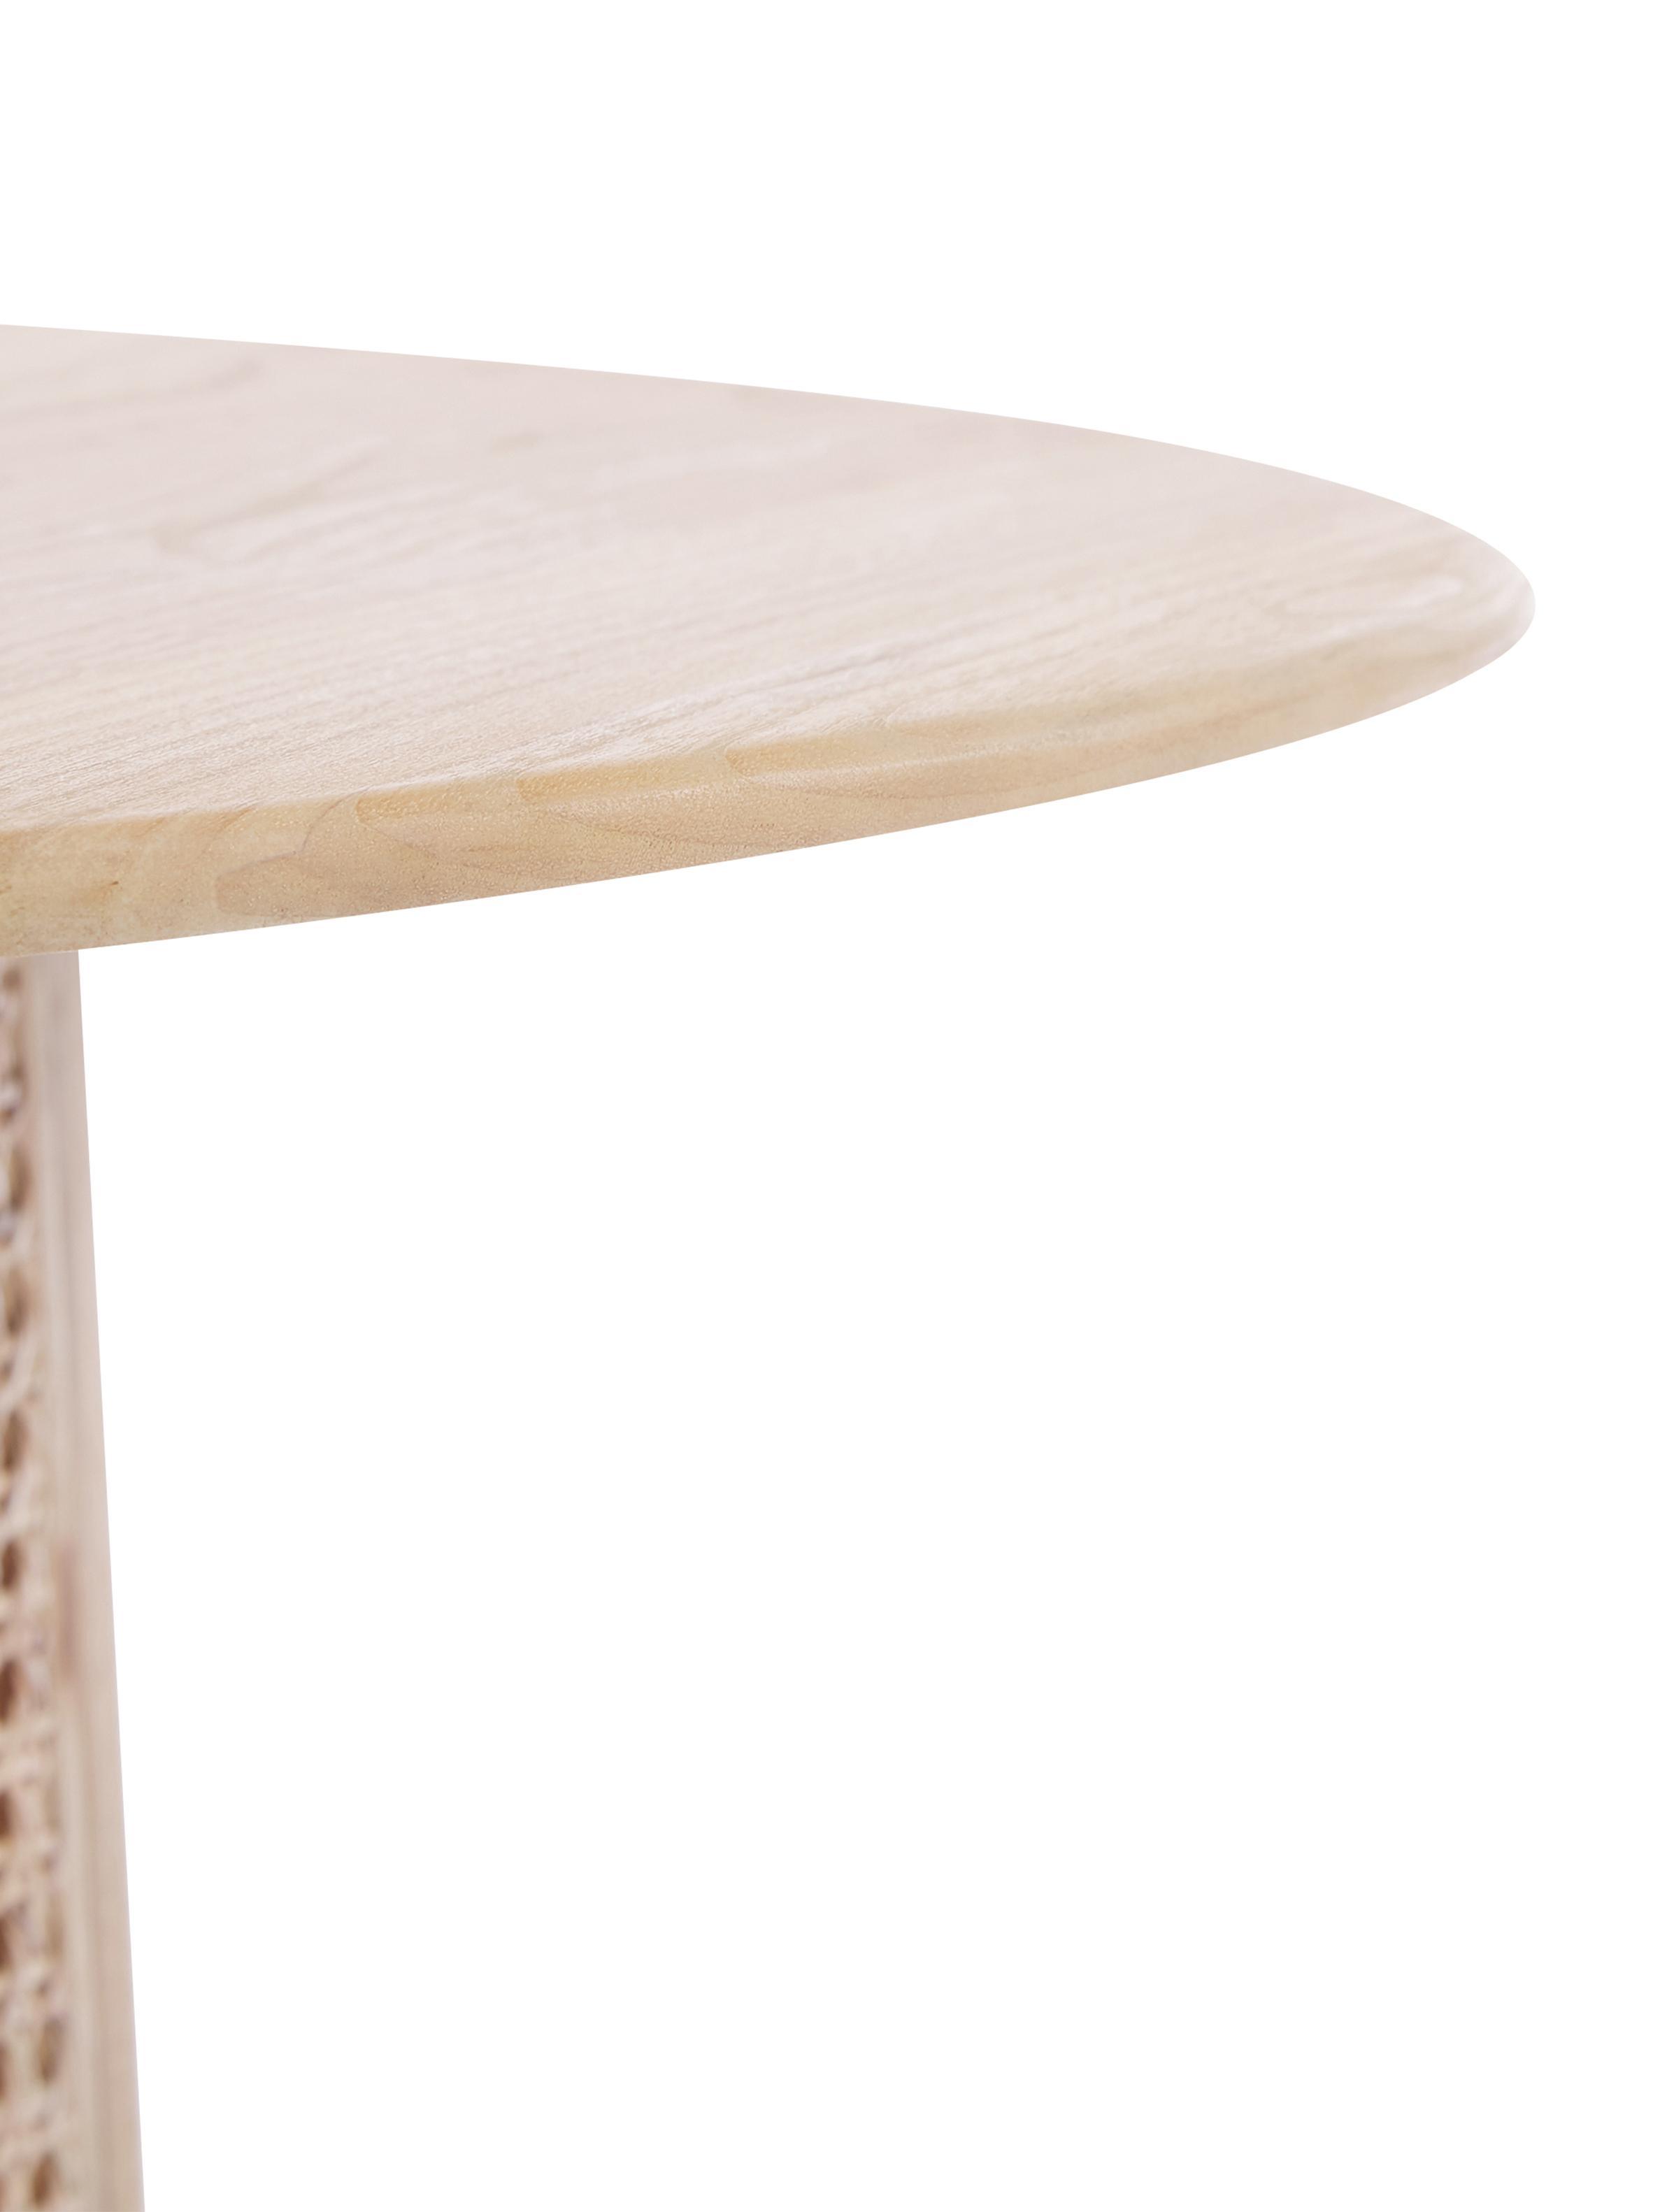 Runder Couchtisch Retro mit Wiener Geflecht, Wiener Geflecht: Rattan, Sunkai Holz, Ø 80 x H 30 cm